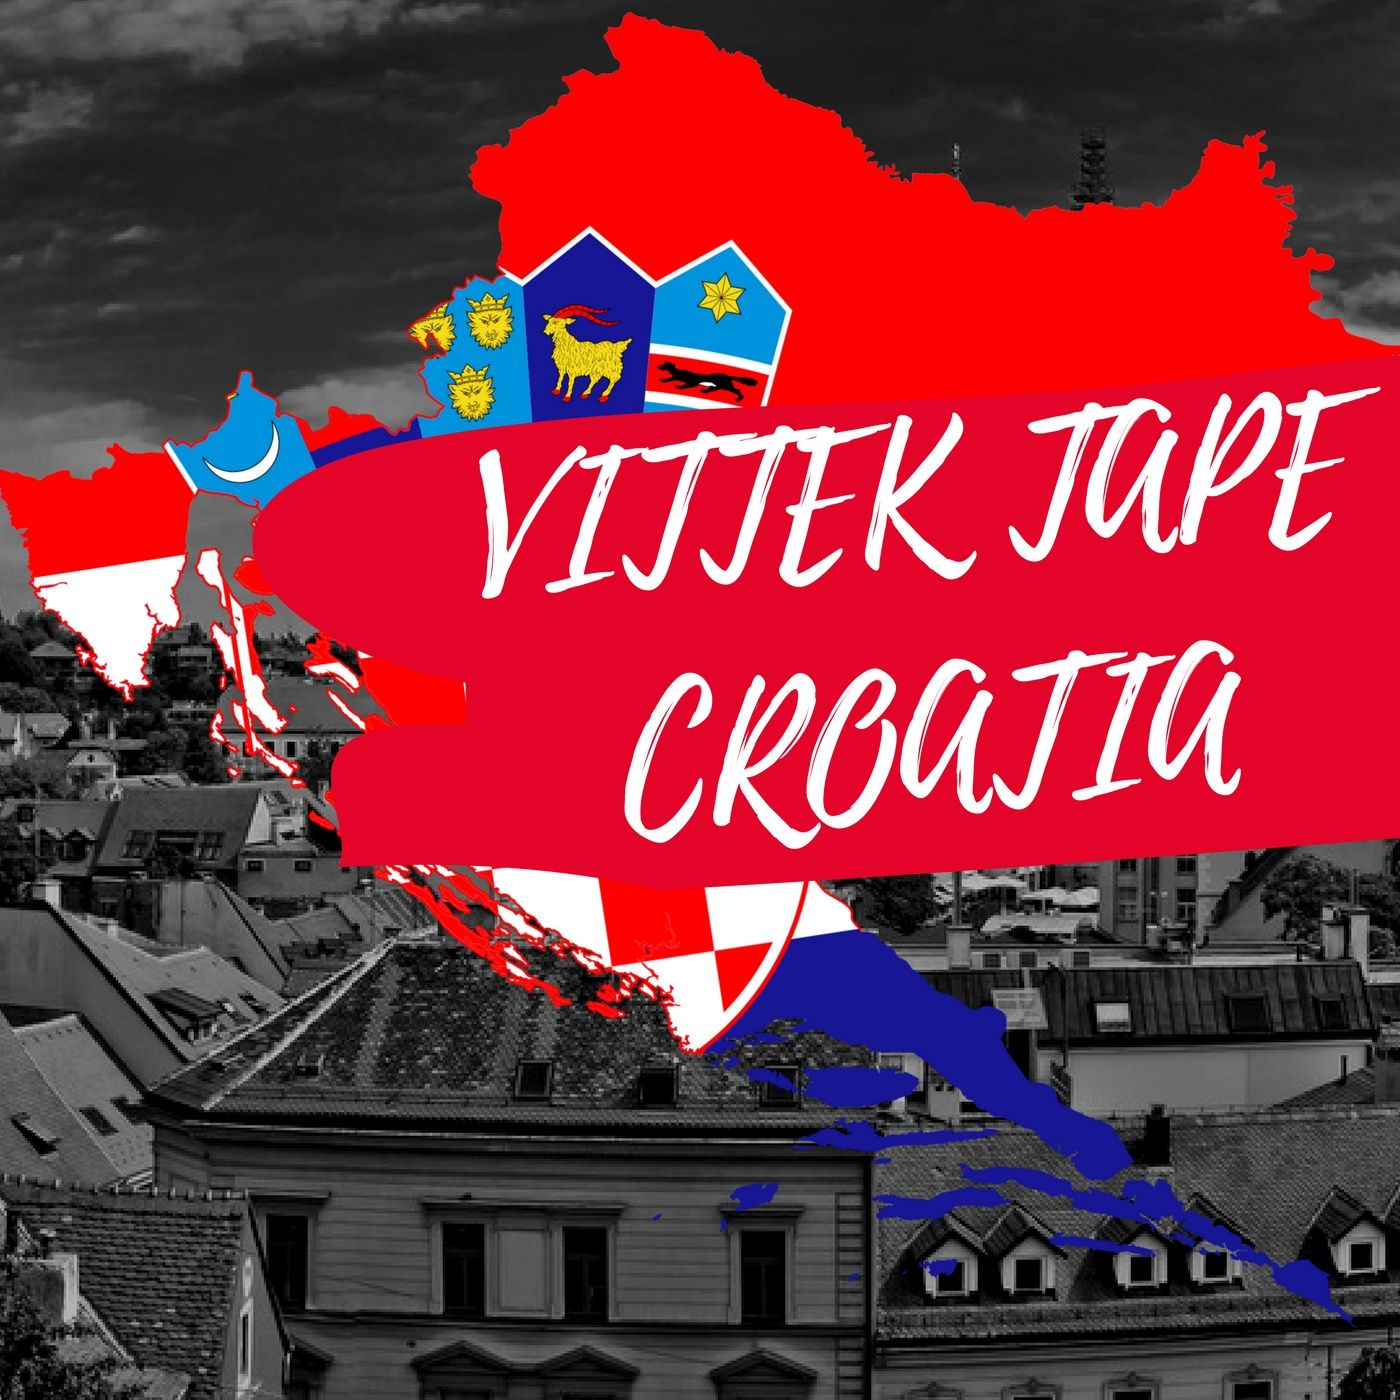 Vittek Tape Croatia